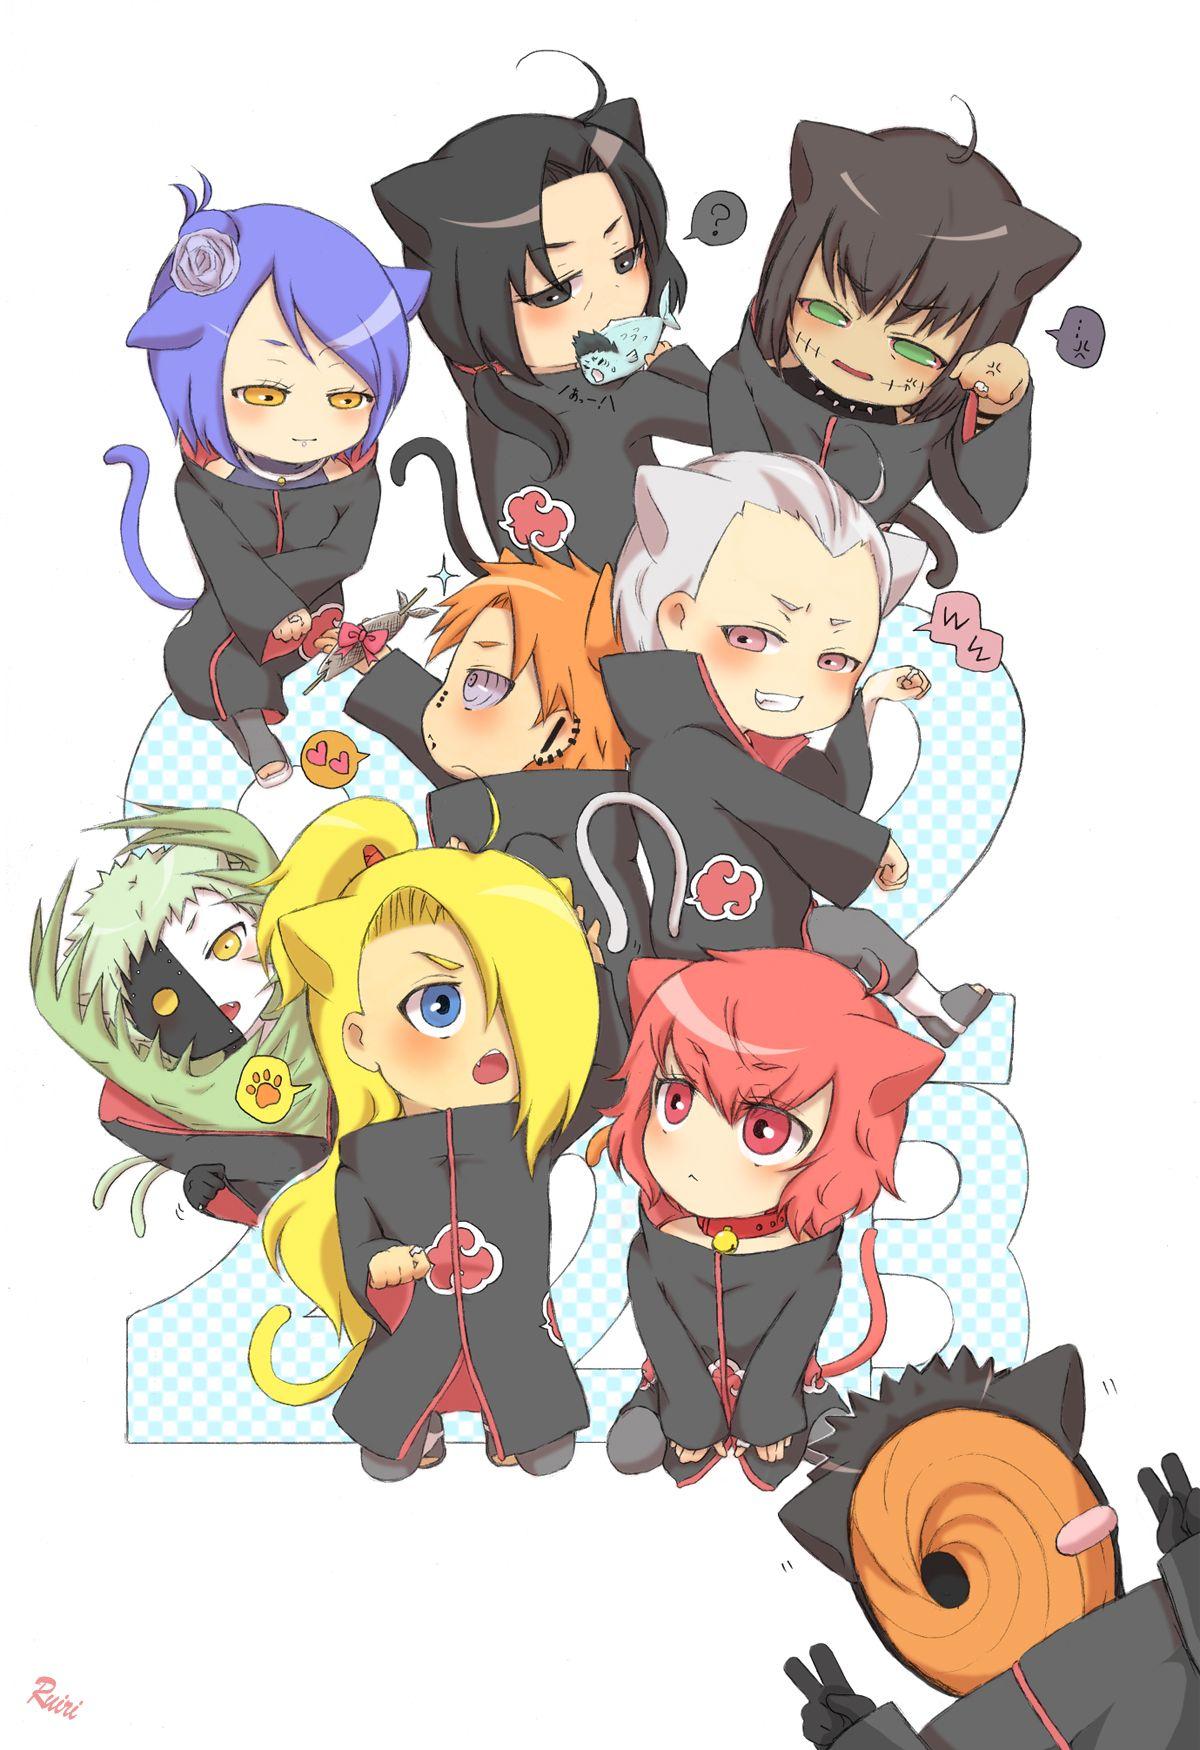 Akatsuki chibi - Konan, Itachi, Kisame, Kakuzu, Yahiko, Hidan, Zetsu, Deidara, Sasori and Tobi alle mit Katzen Ohren und Schwanz nya